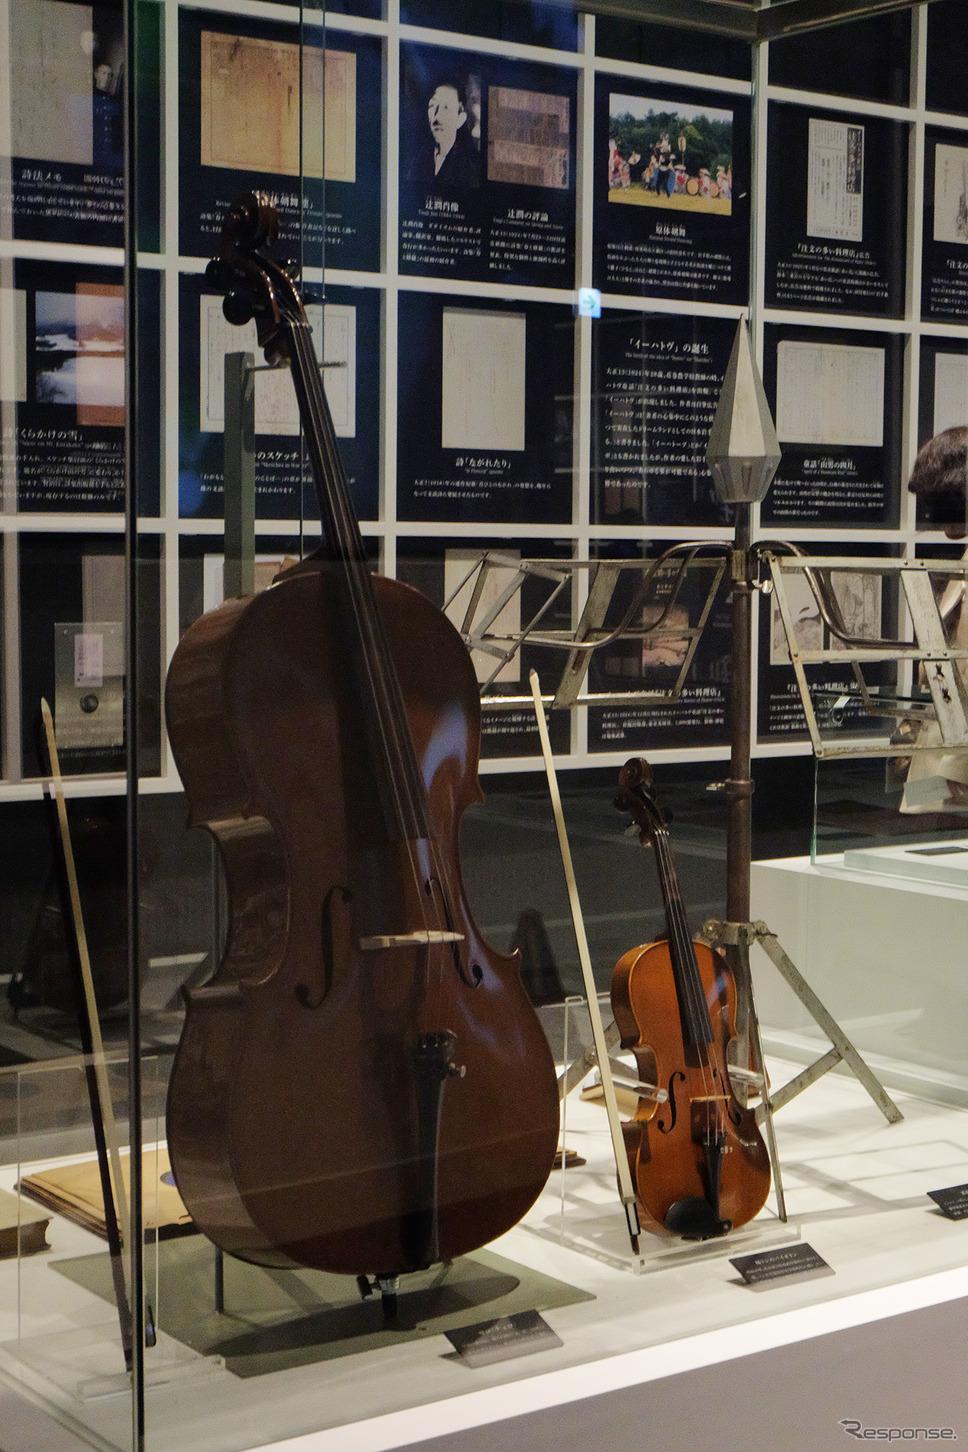 宮沢賢治が使用した楽器。